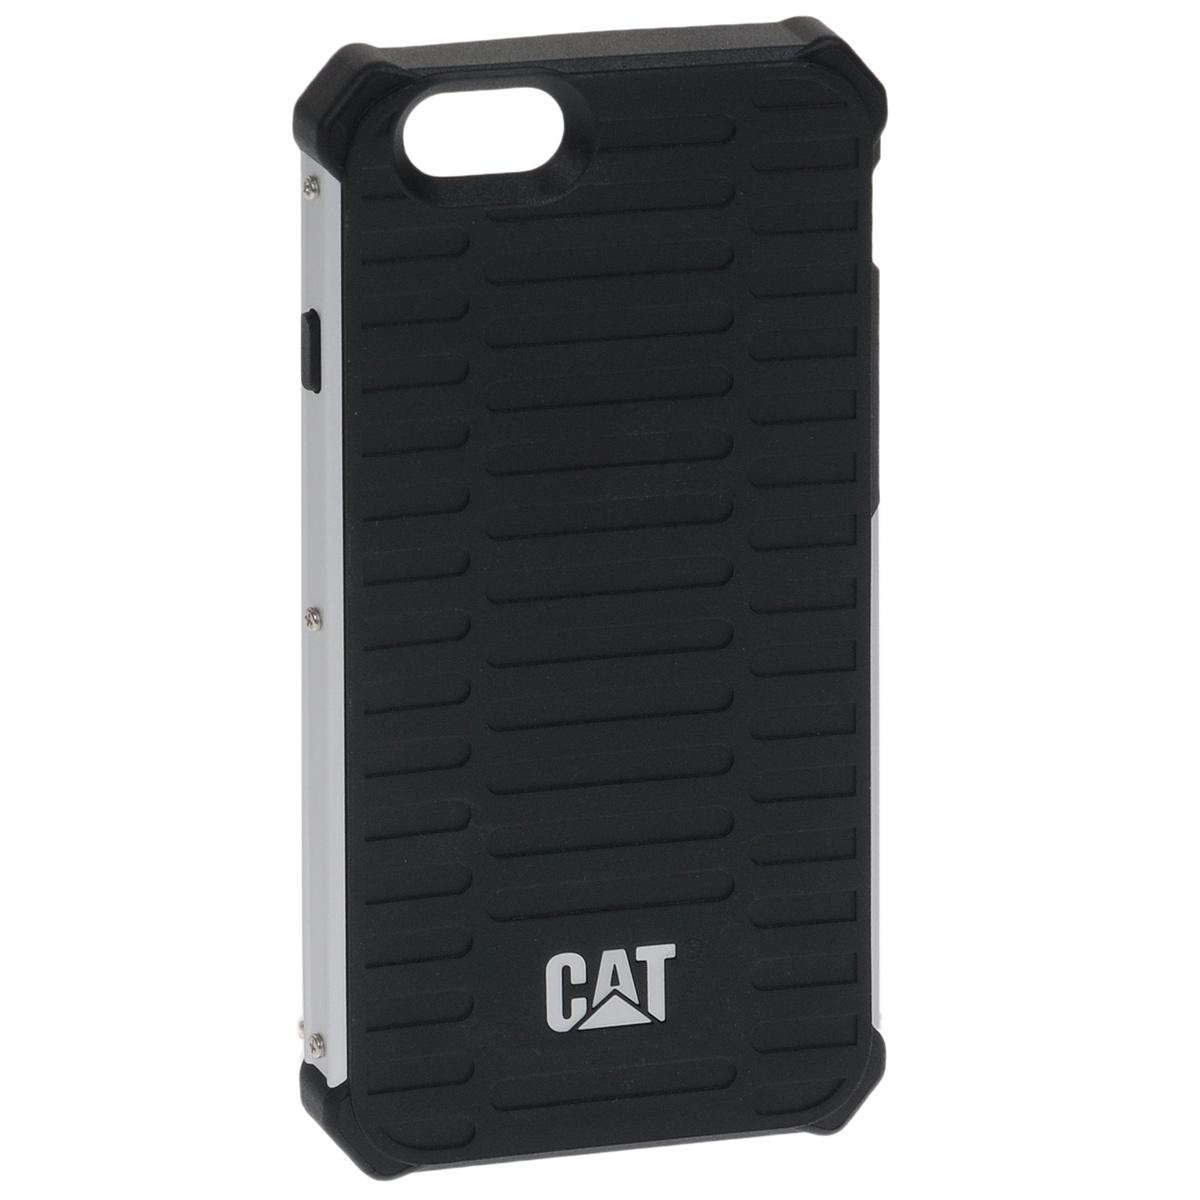 Caterpillar Active Urban противоударный чехол для iPhone 6, Black